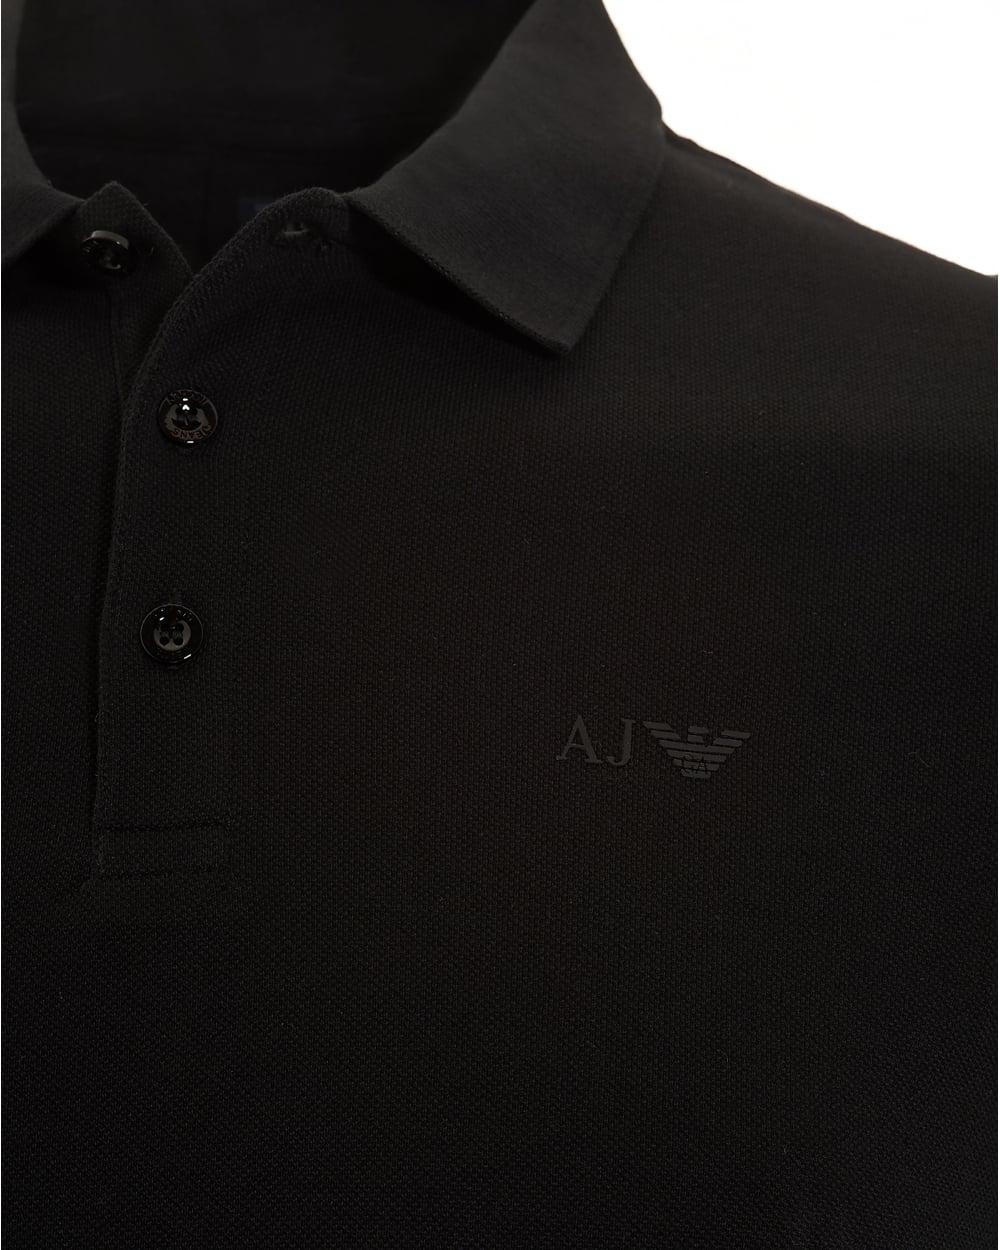 black armani polo